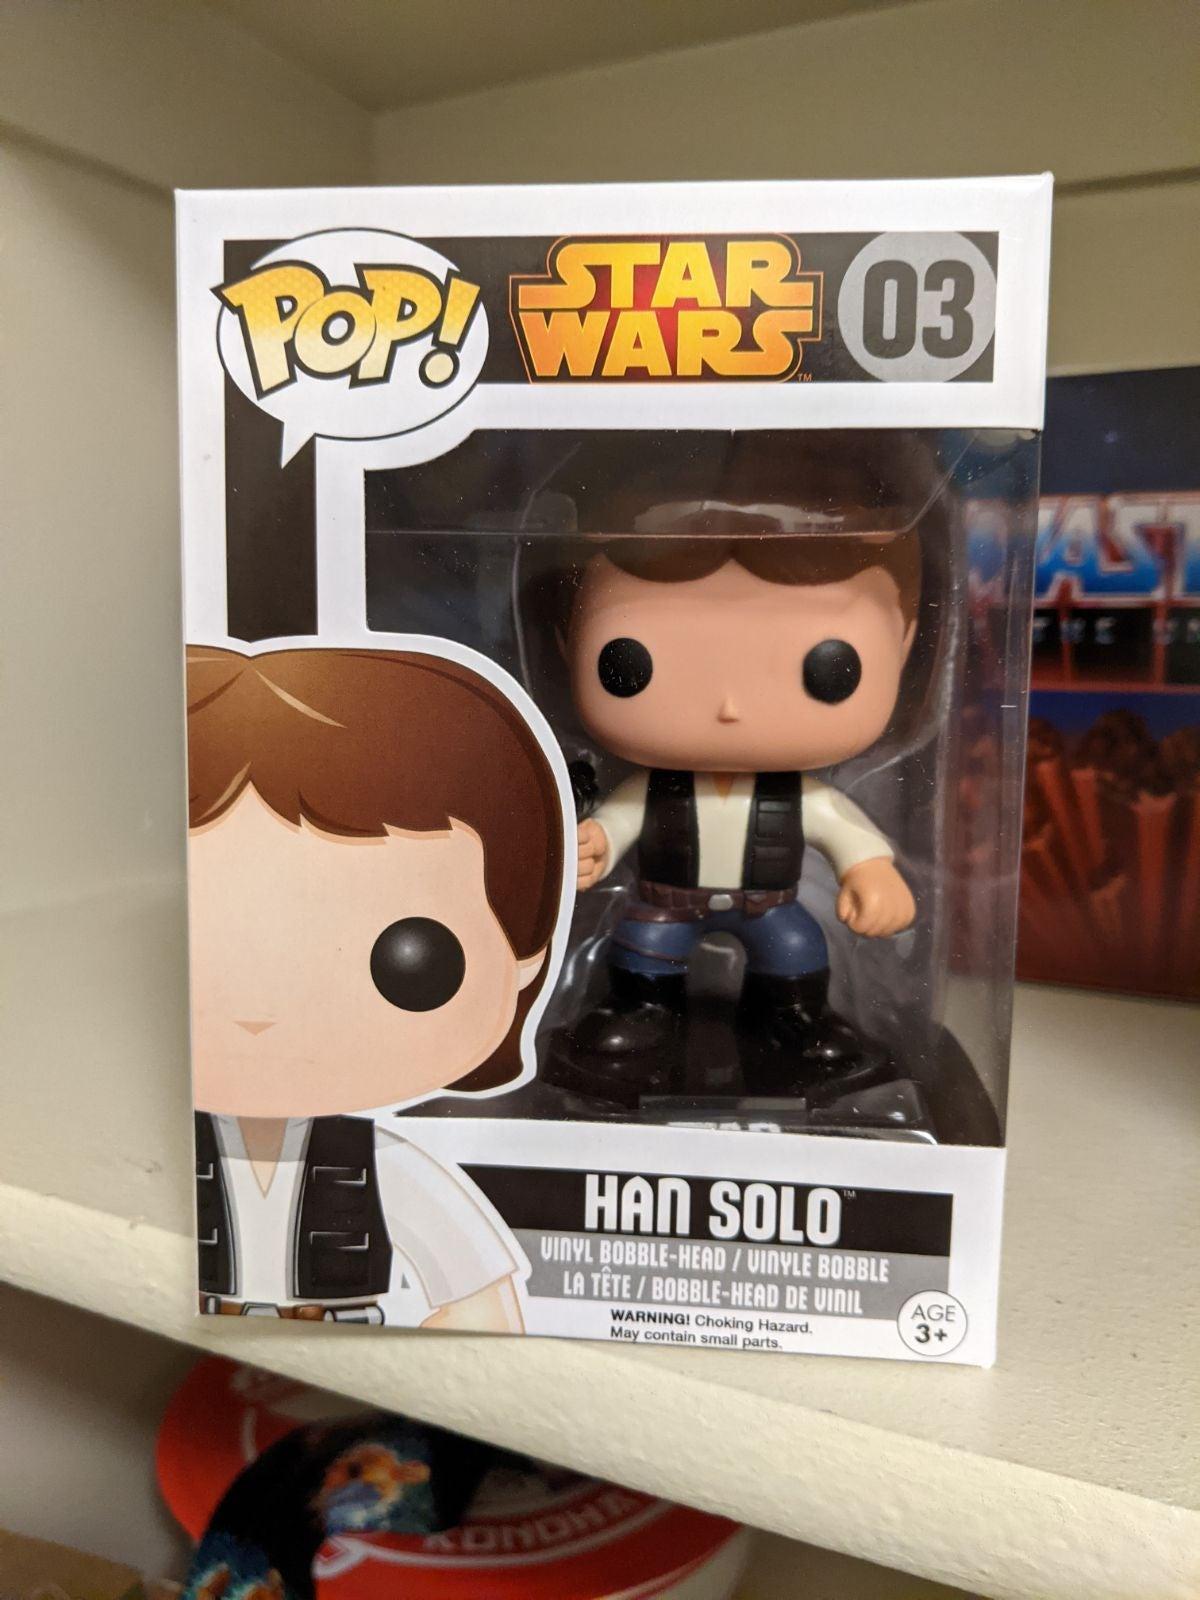 Han Solo 03 Funko Pop Star Wars